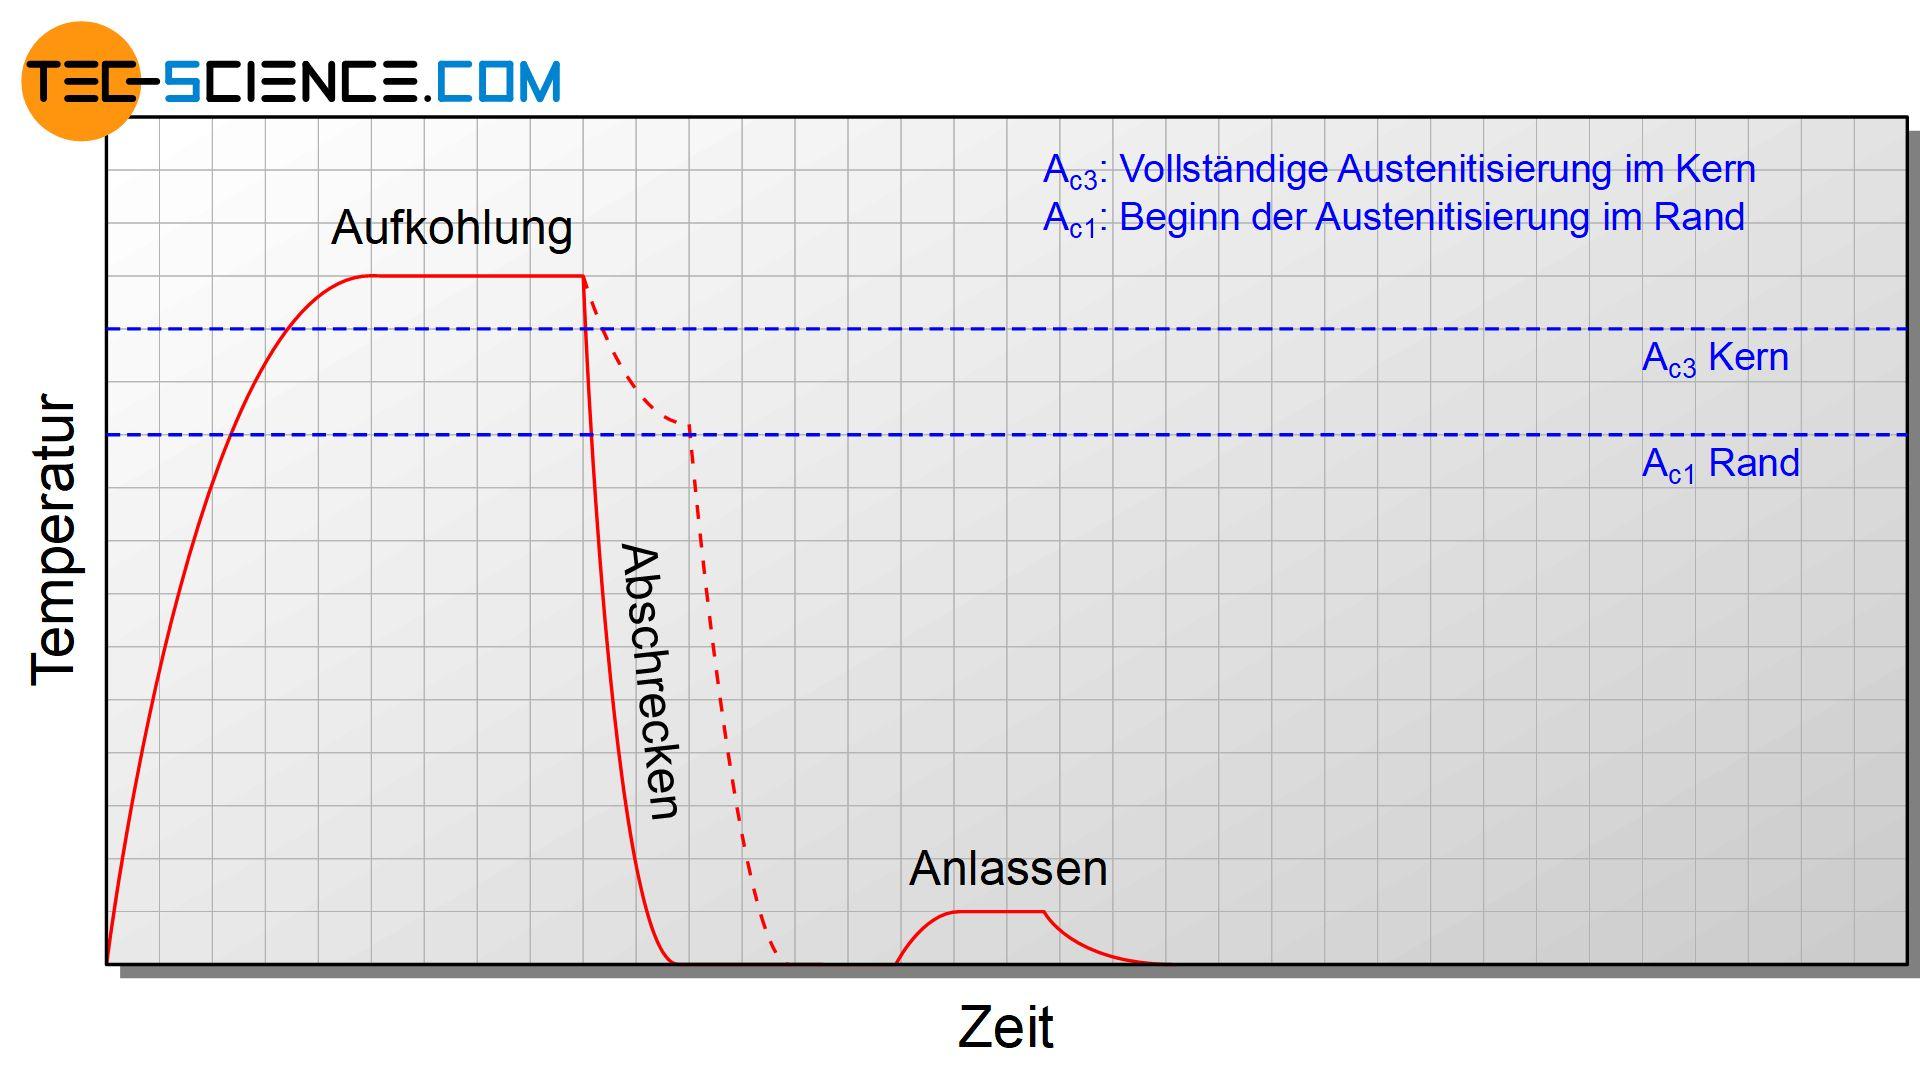 Zeit-Temperaturverlauf beim Direkthärten